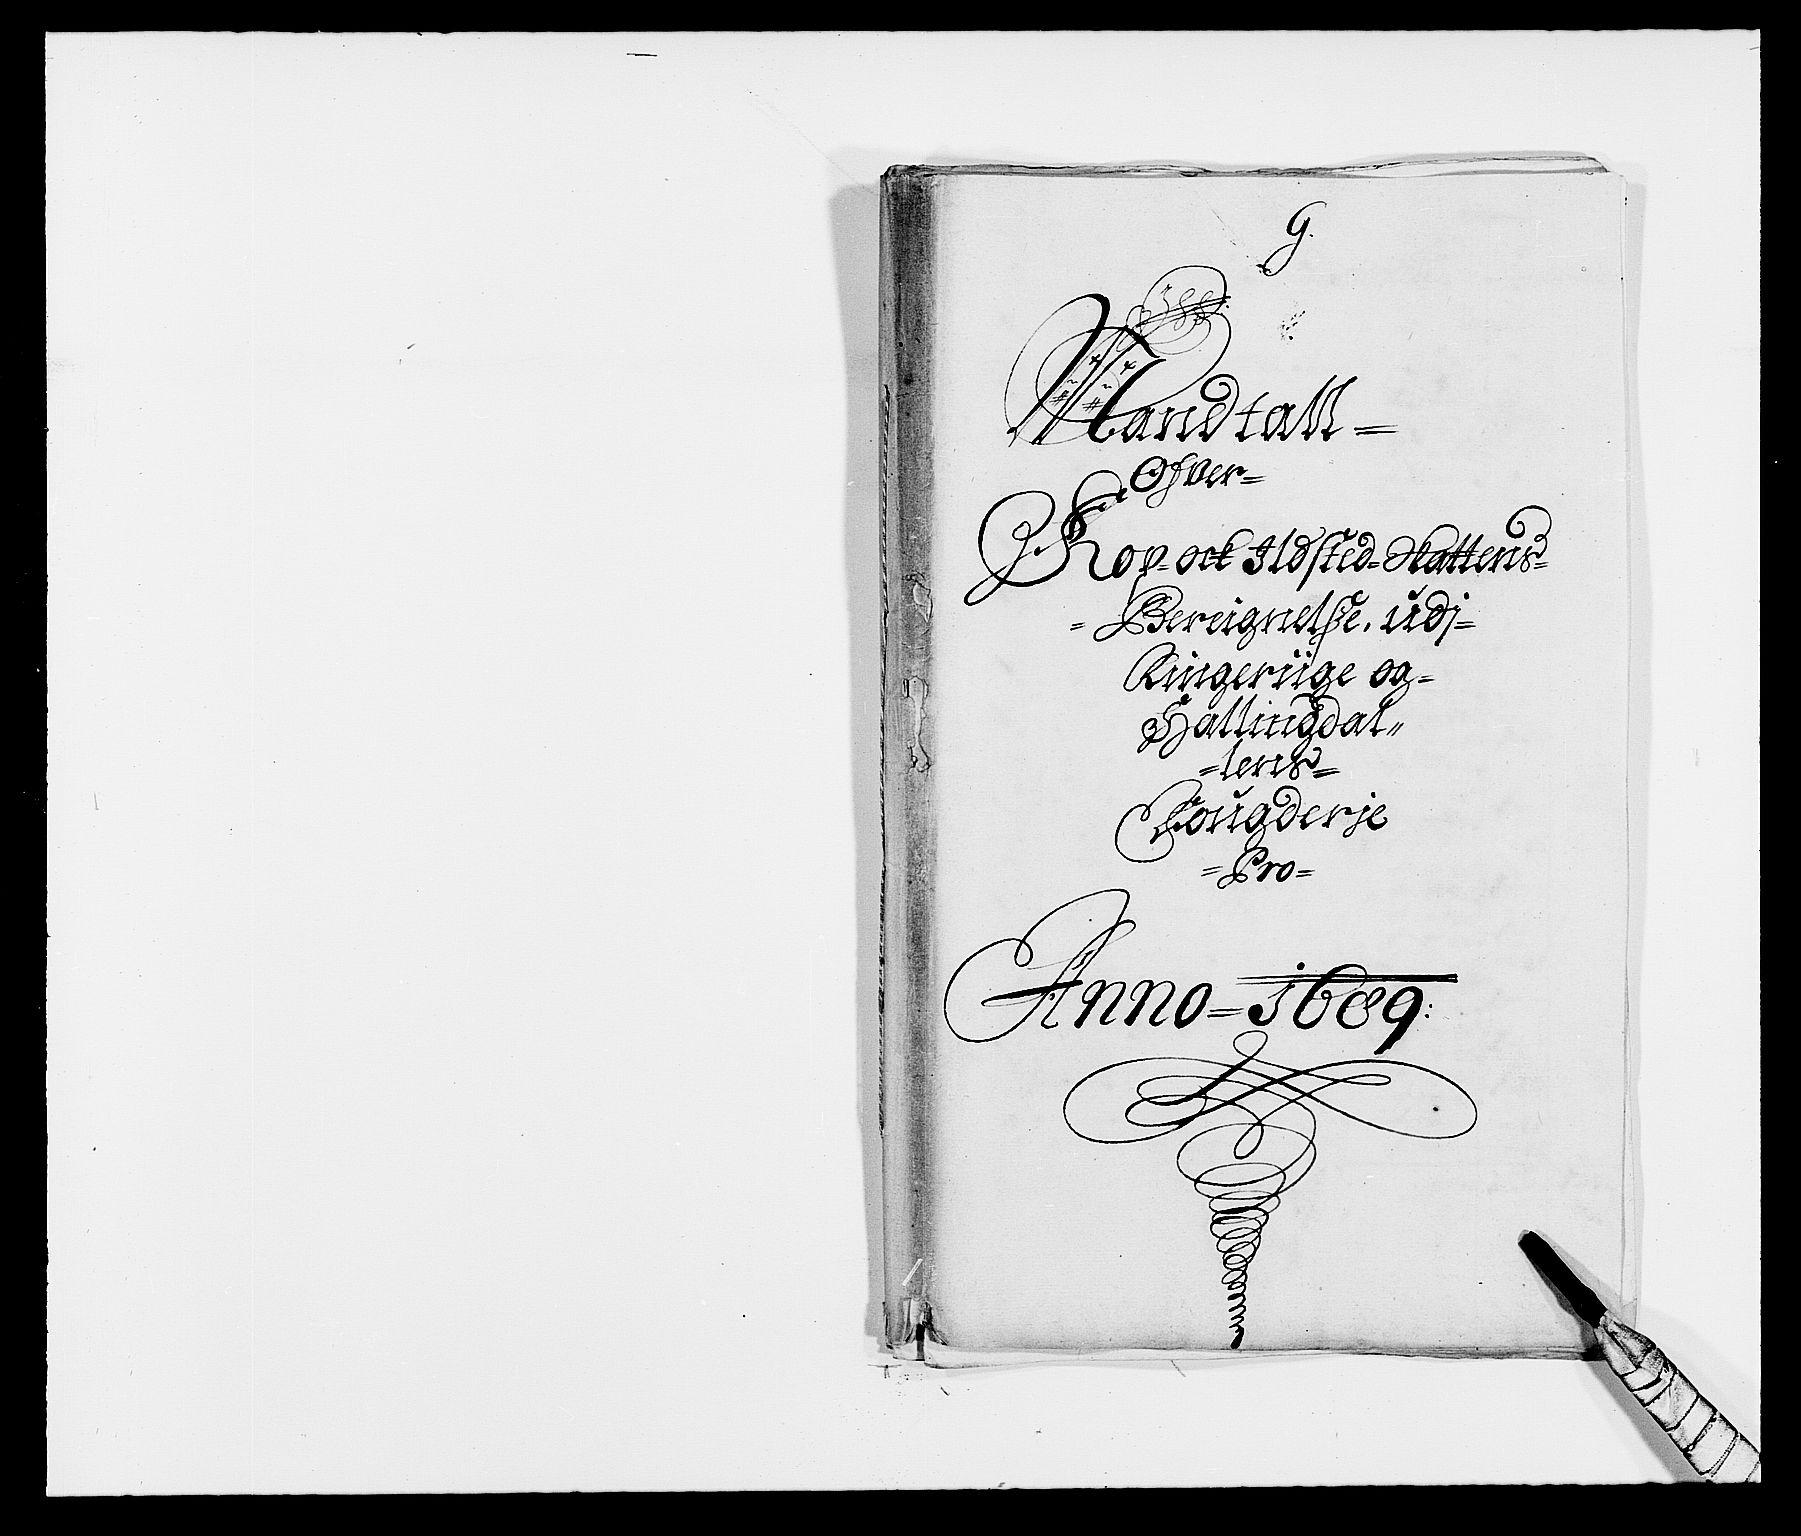 RA, Rentekammeret inntil 1814, Reviderte regnskaper, Fogderegnskap, R21/L1447: Fogderegnskap Ringerike og Hallingdal, 1687-1689, s. 327